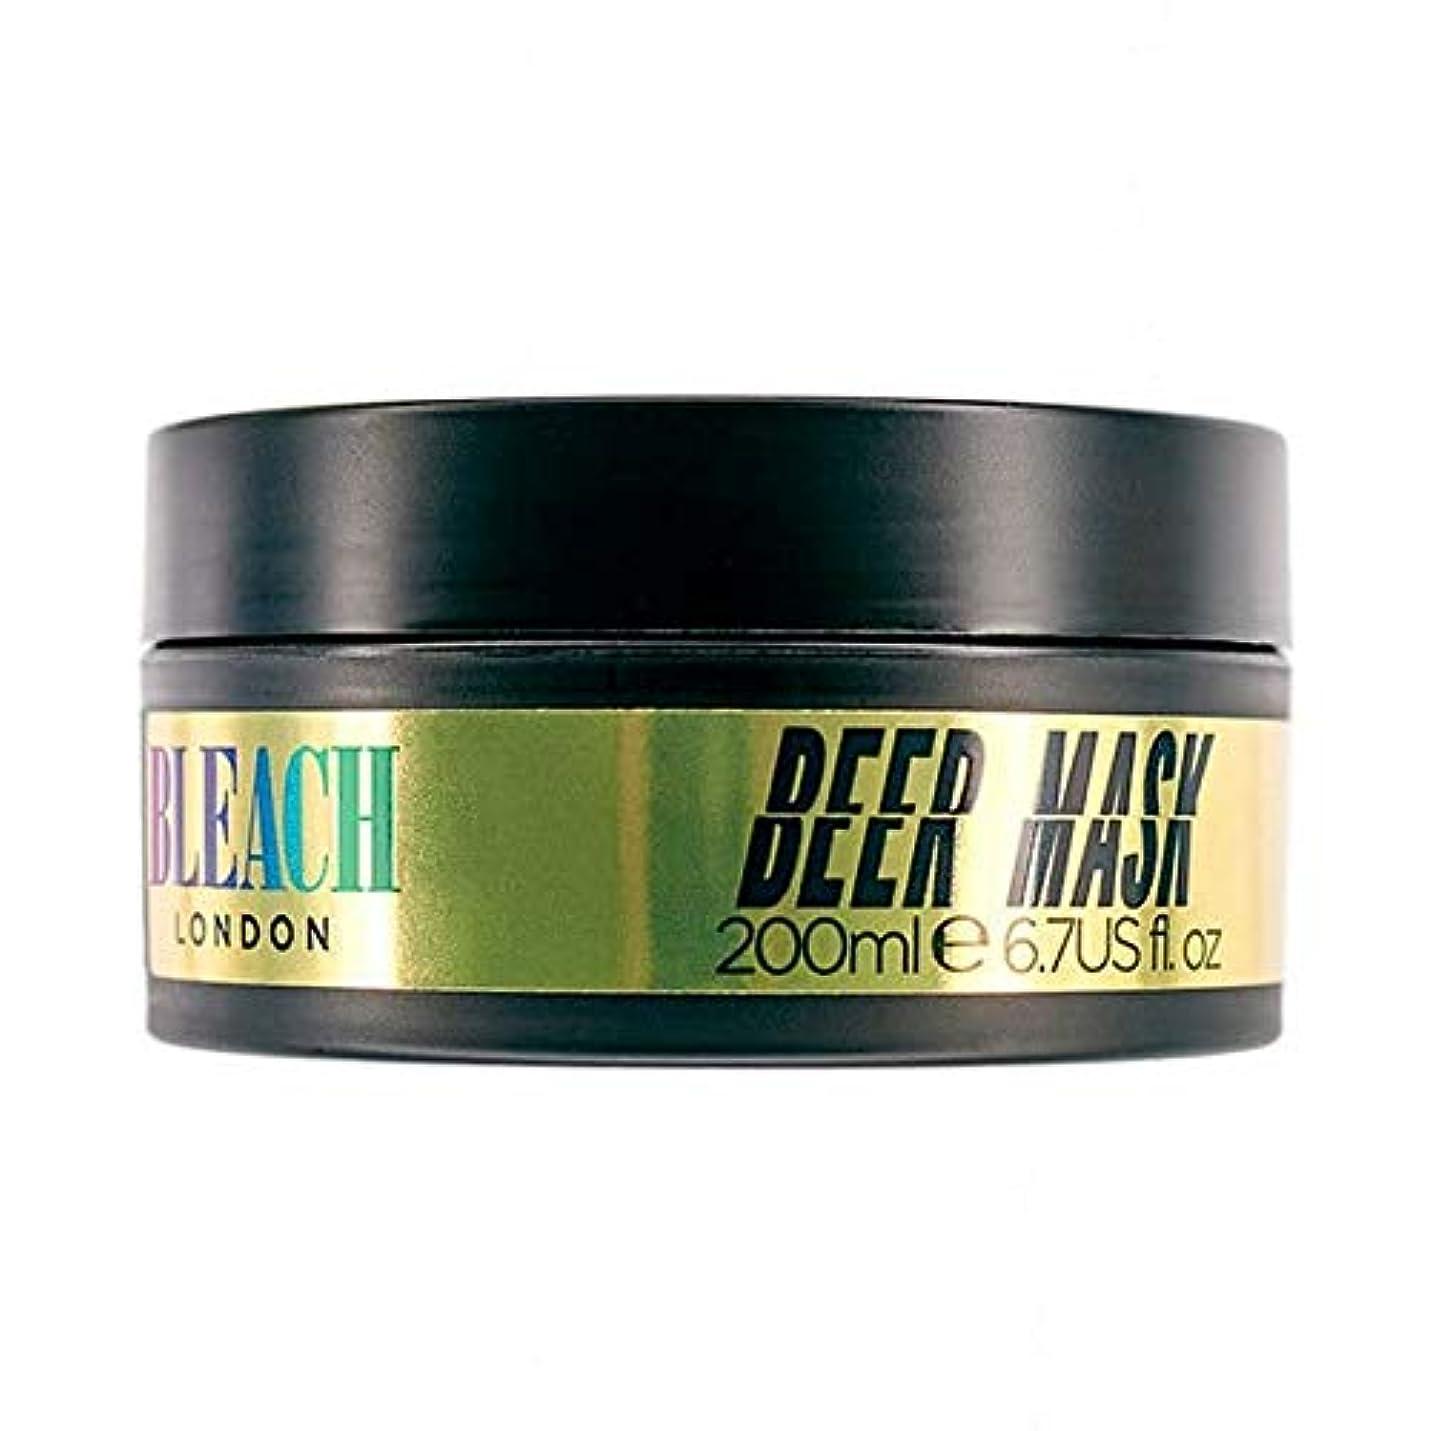 首尾一貫した共和党医療過誤[Bleach London ] 漂白ロンドンビールマスク200ミリリットル - Bleach London Beer Mask 200ml [並行輸入品]